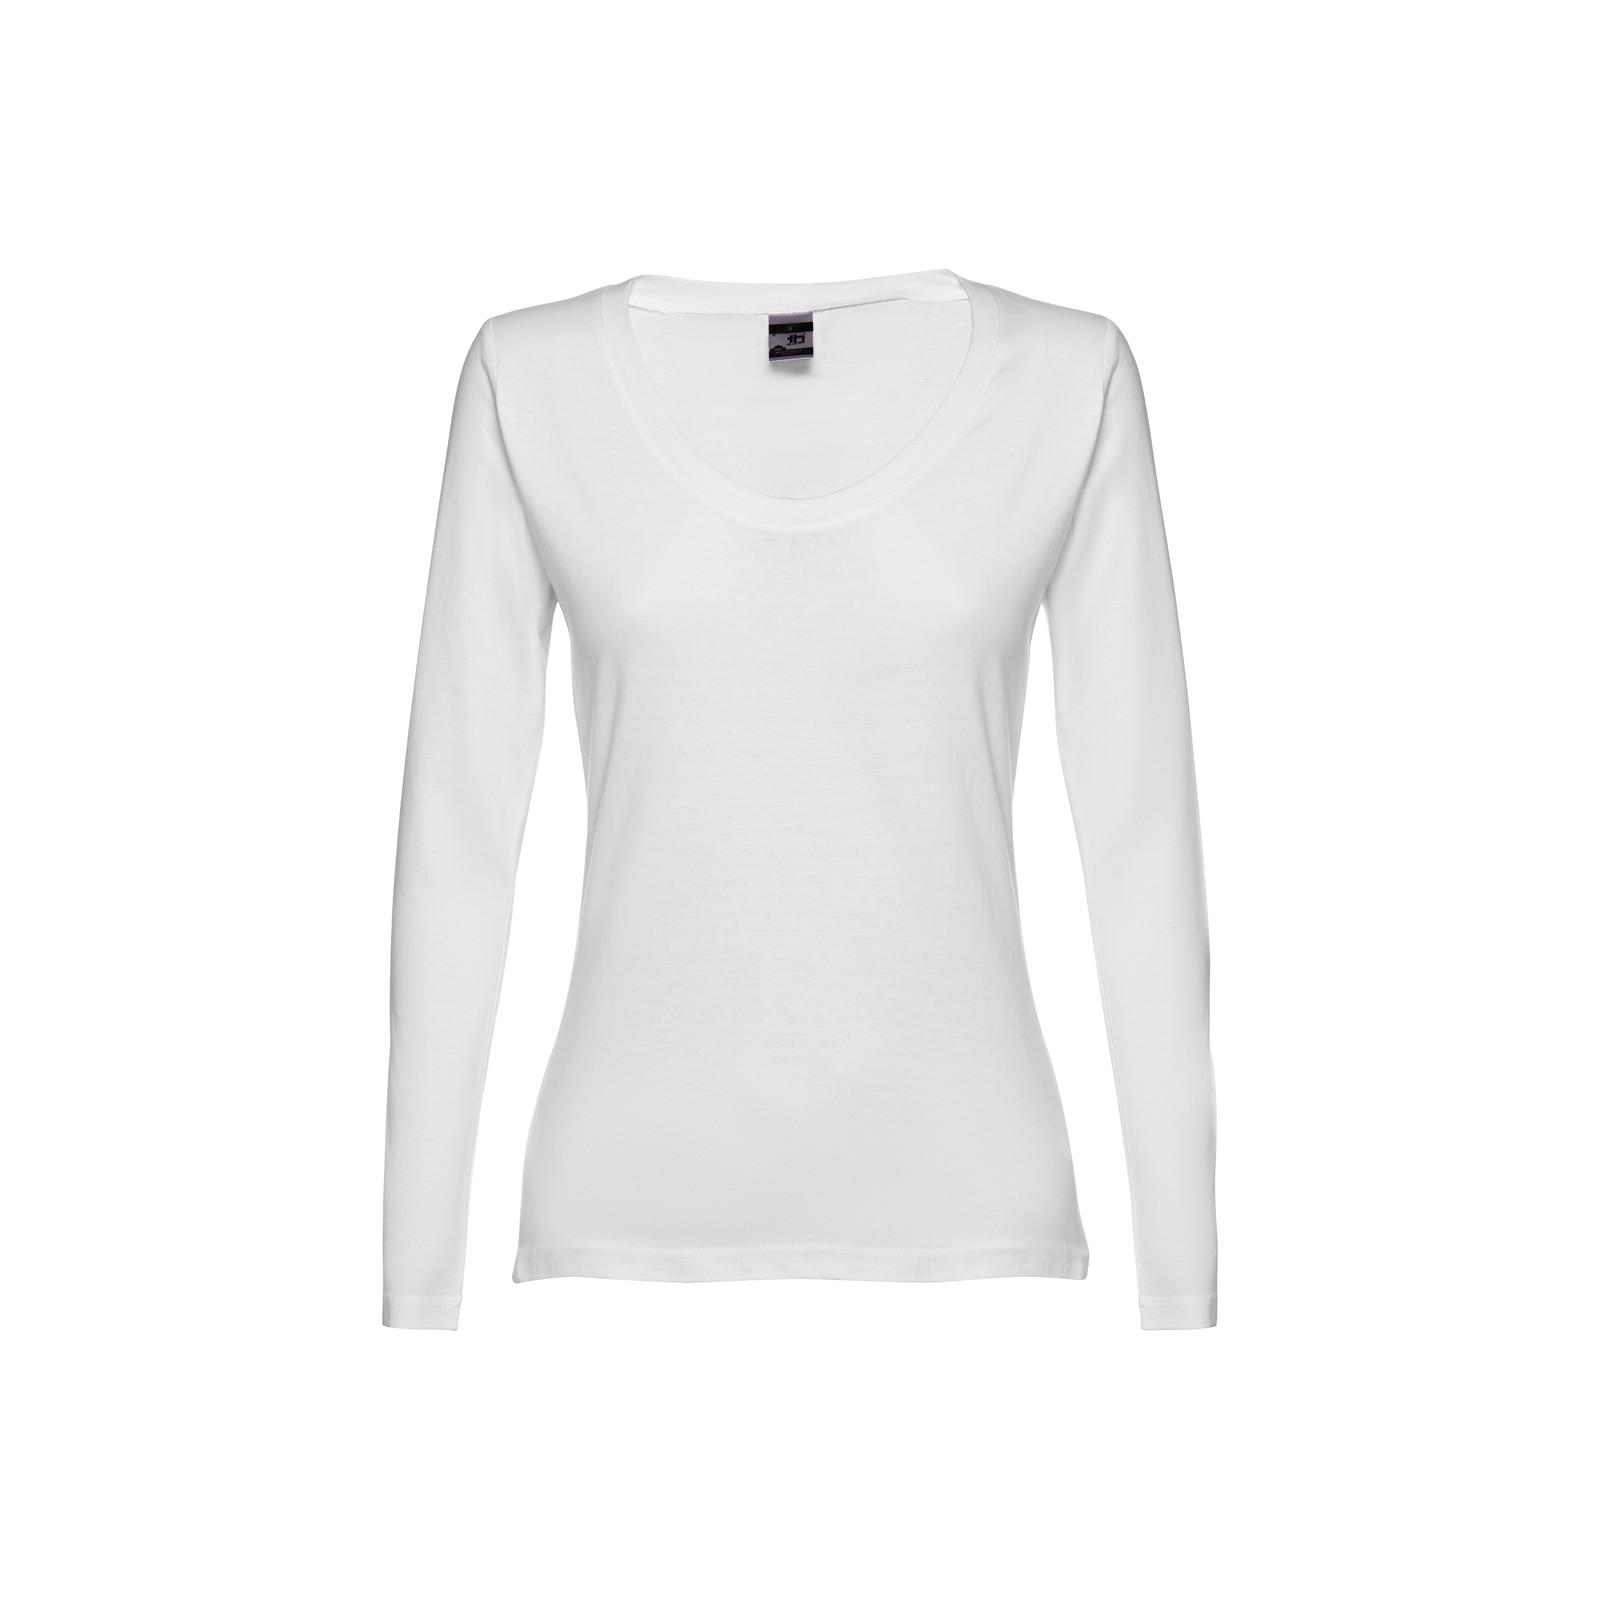 THC BUCHAREST WOMEN WH. Dámské tričko s dlouhým rukávem - Bílá / S